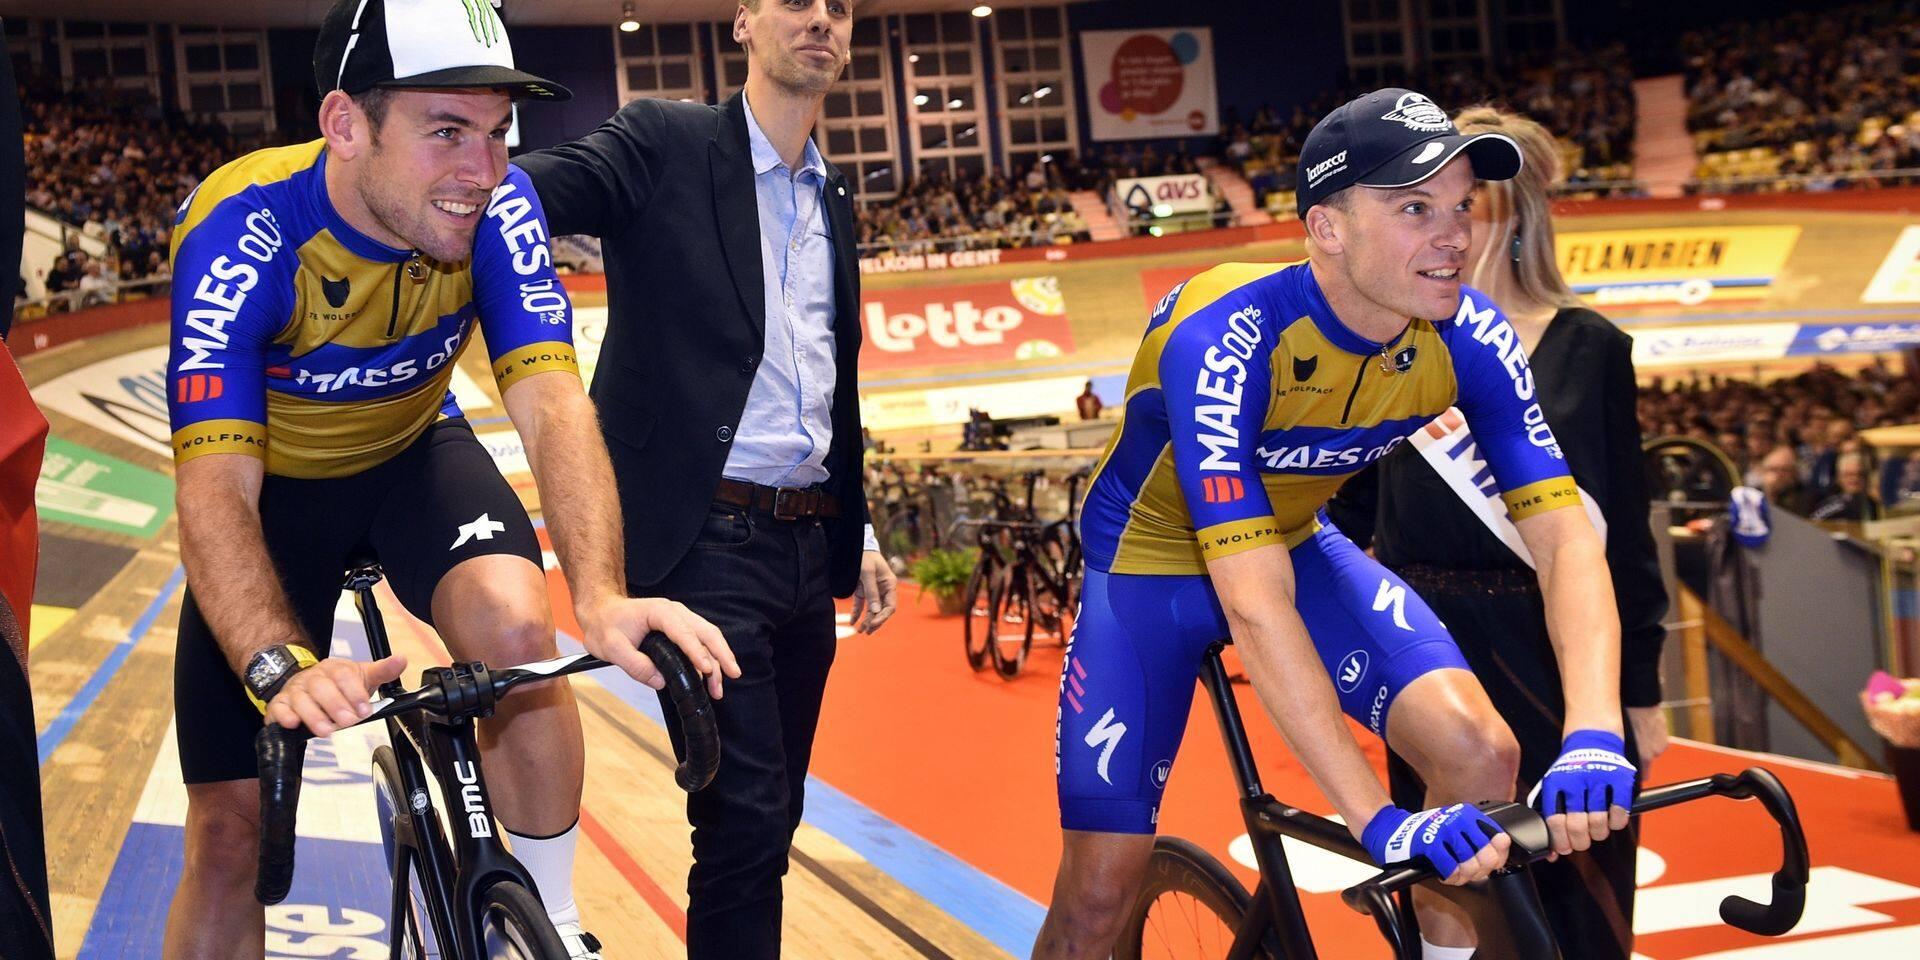 Six Jours de Gand: lourde chute pour Mark Cavendish lors de la première soirée